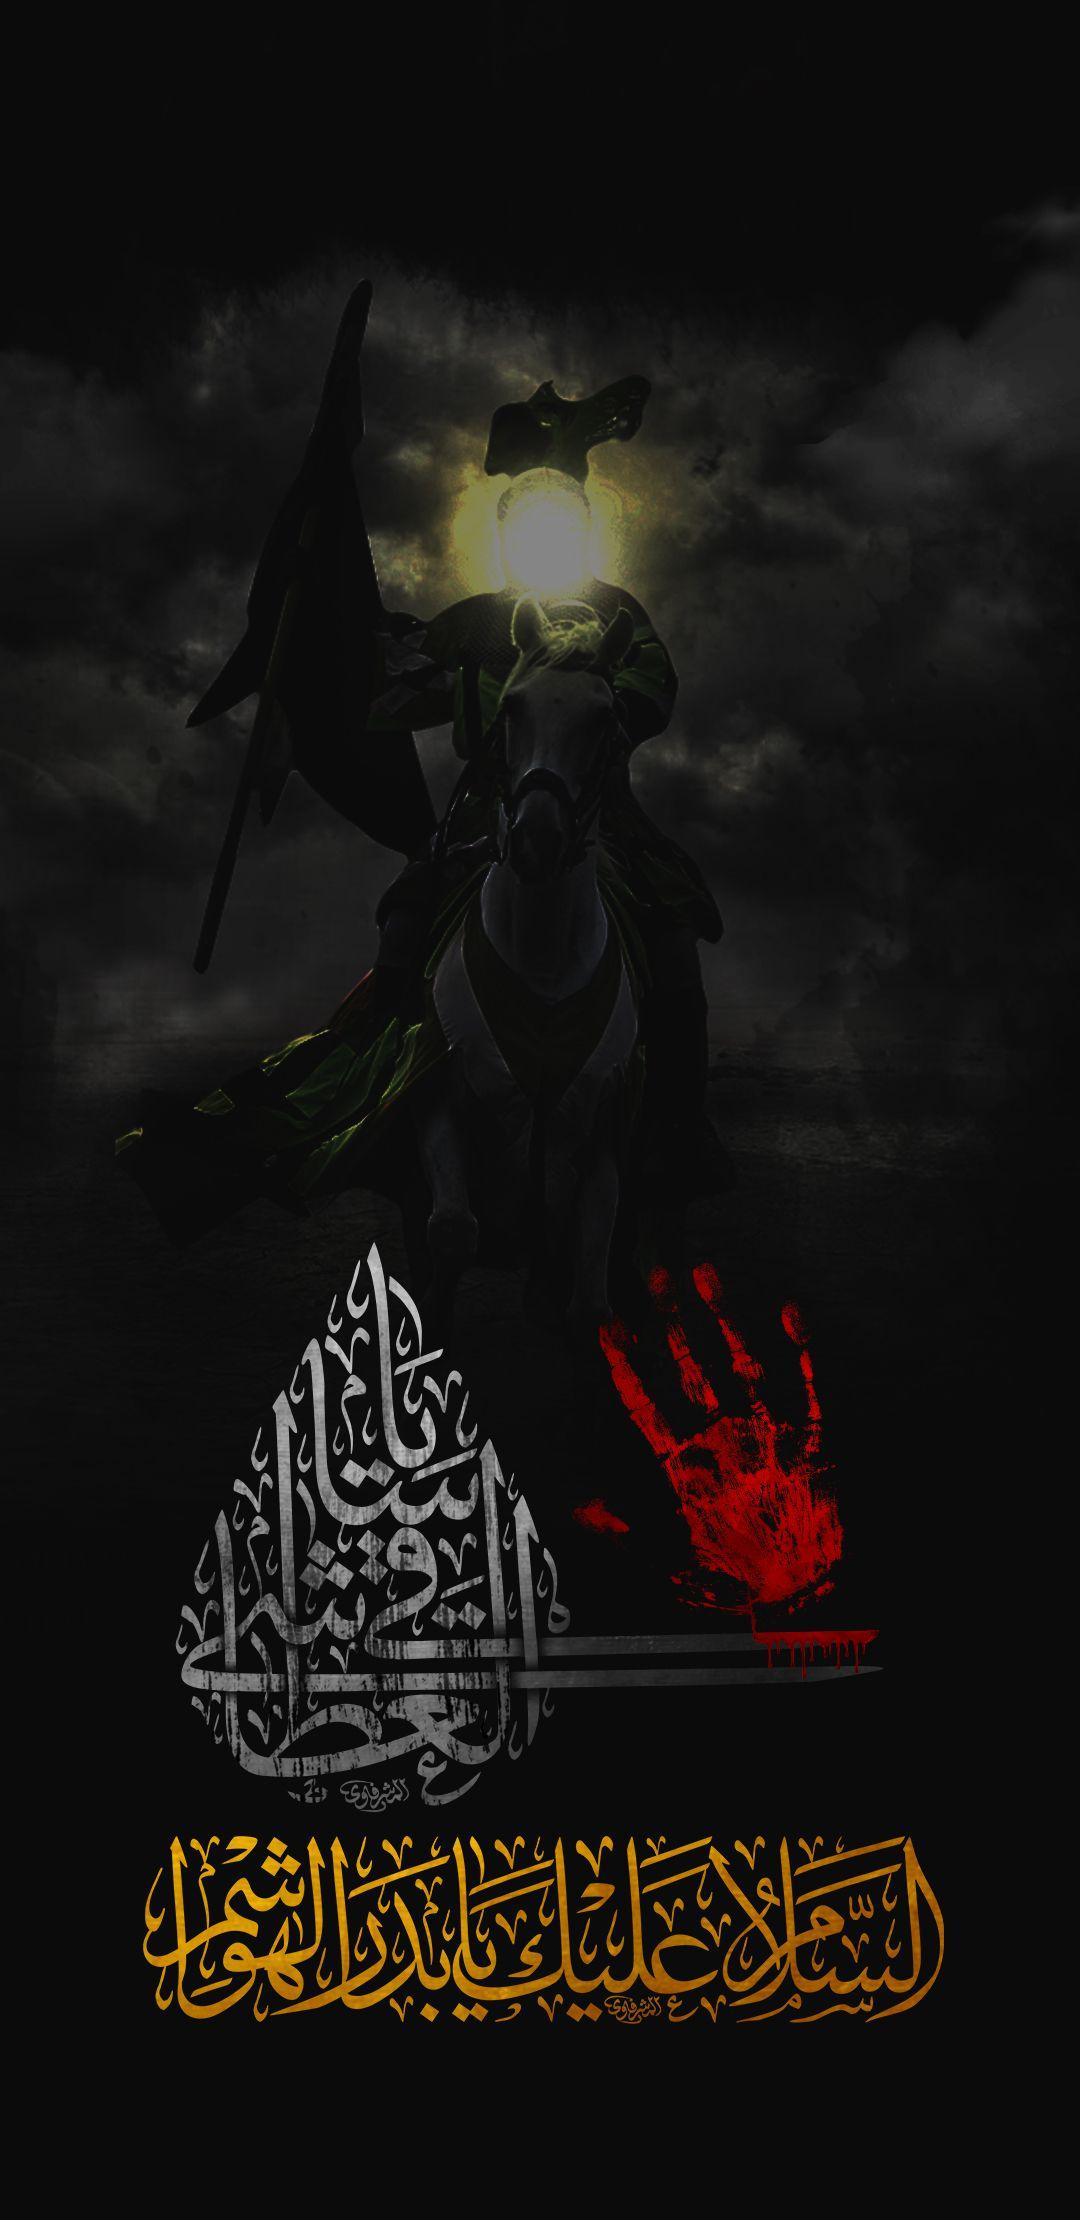 ابا الفضل العباس عليه السلام ساقي عطاشى كربلاء Poster Movie Posters Mola